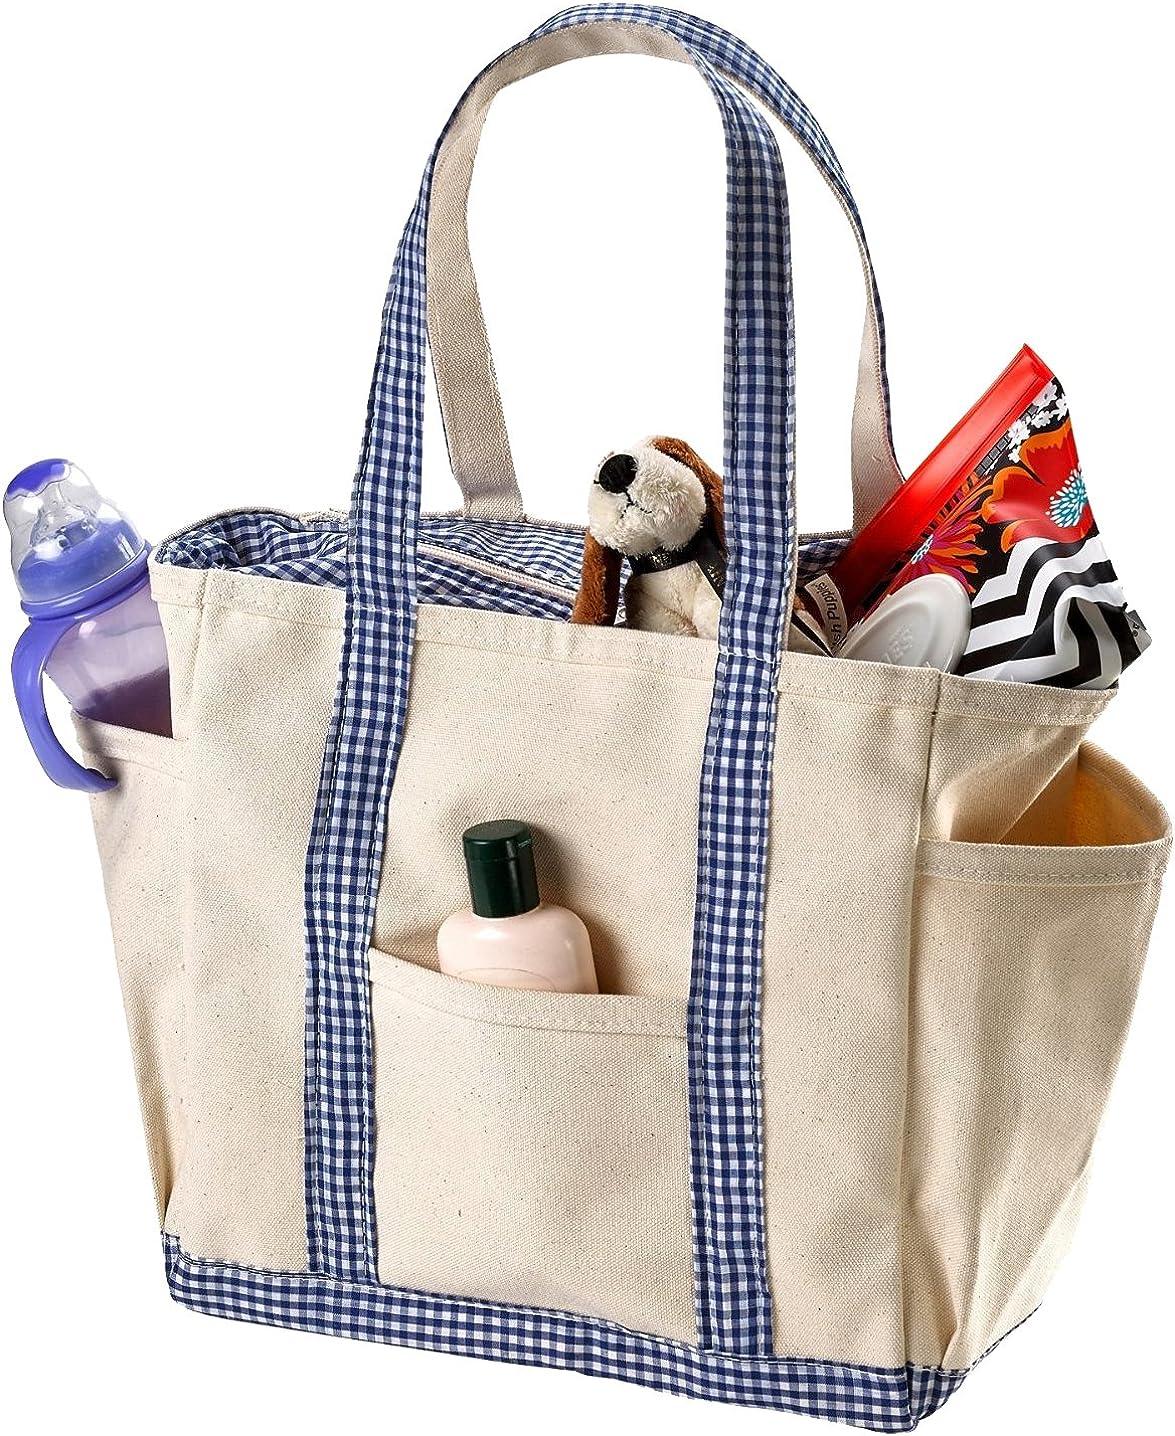 Canvas Baby Diaper Bag - Side Pockets, Shoulder Handles and Zipper Closure.